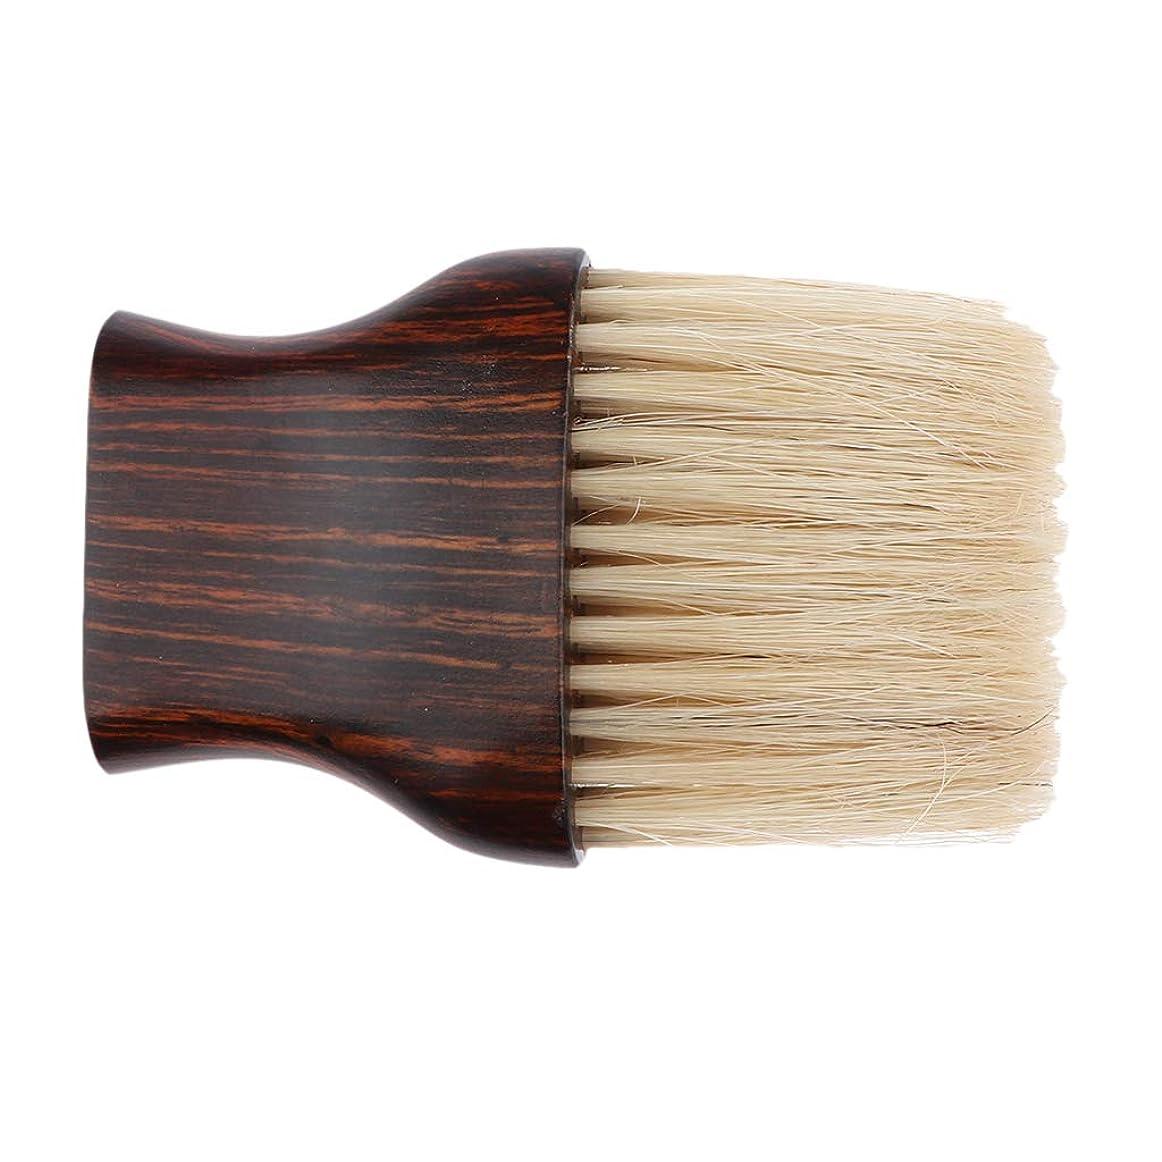 作業ウィスキー一瞬Perfeclan ヘアブラシ 毛払いブラシ 木製ハンドル 散髪 髪切り 散髪用ツール 理髪店 美容院 ソフトブラシ